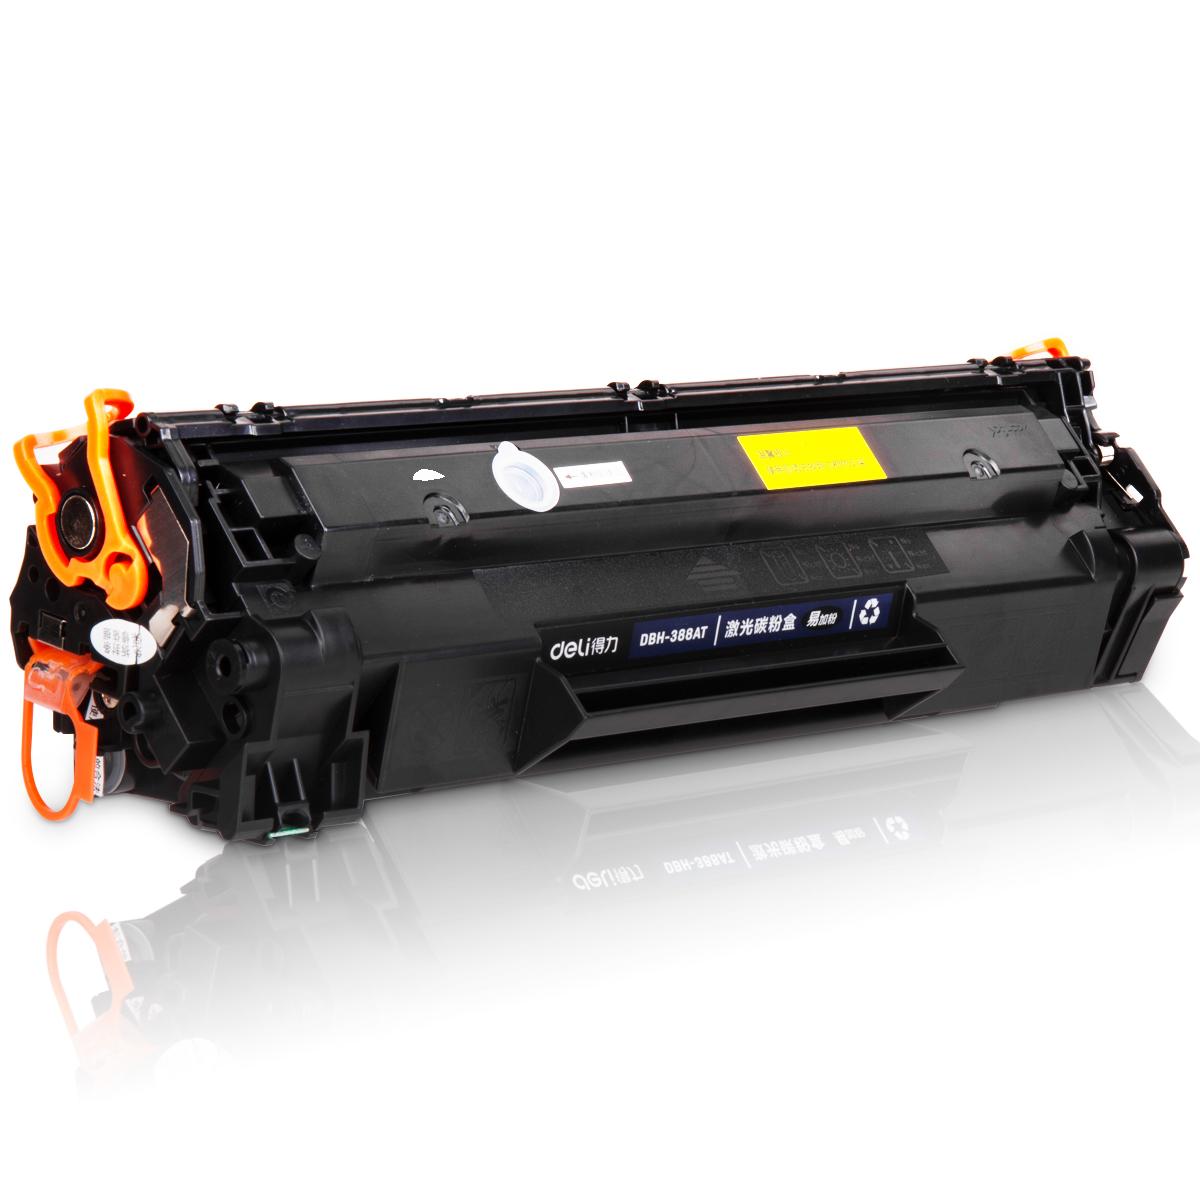 得力硒鼓388AT硒鼓打印机碳粉盒适用HP P1007-P1008加墨碳粉盒